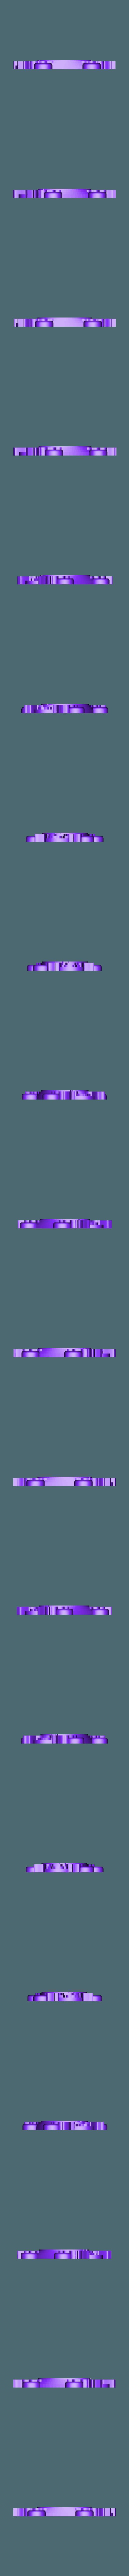 Small_body_x6.stl Télécharger fichier STL gratuit Collier de juge Q • Objet à imprimer en 3D, poblocki1982